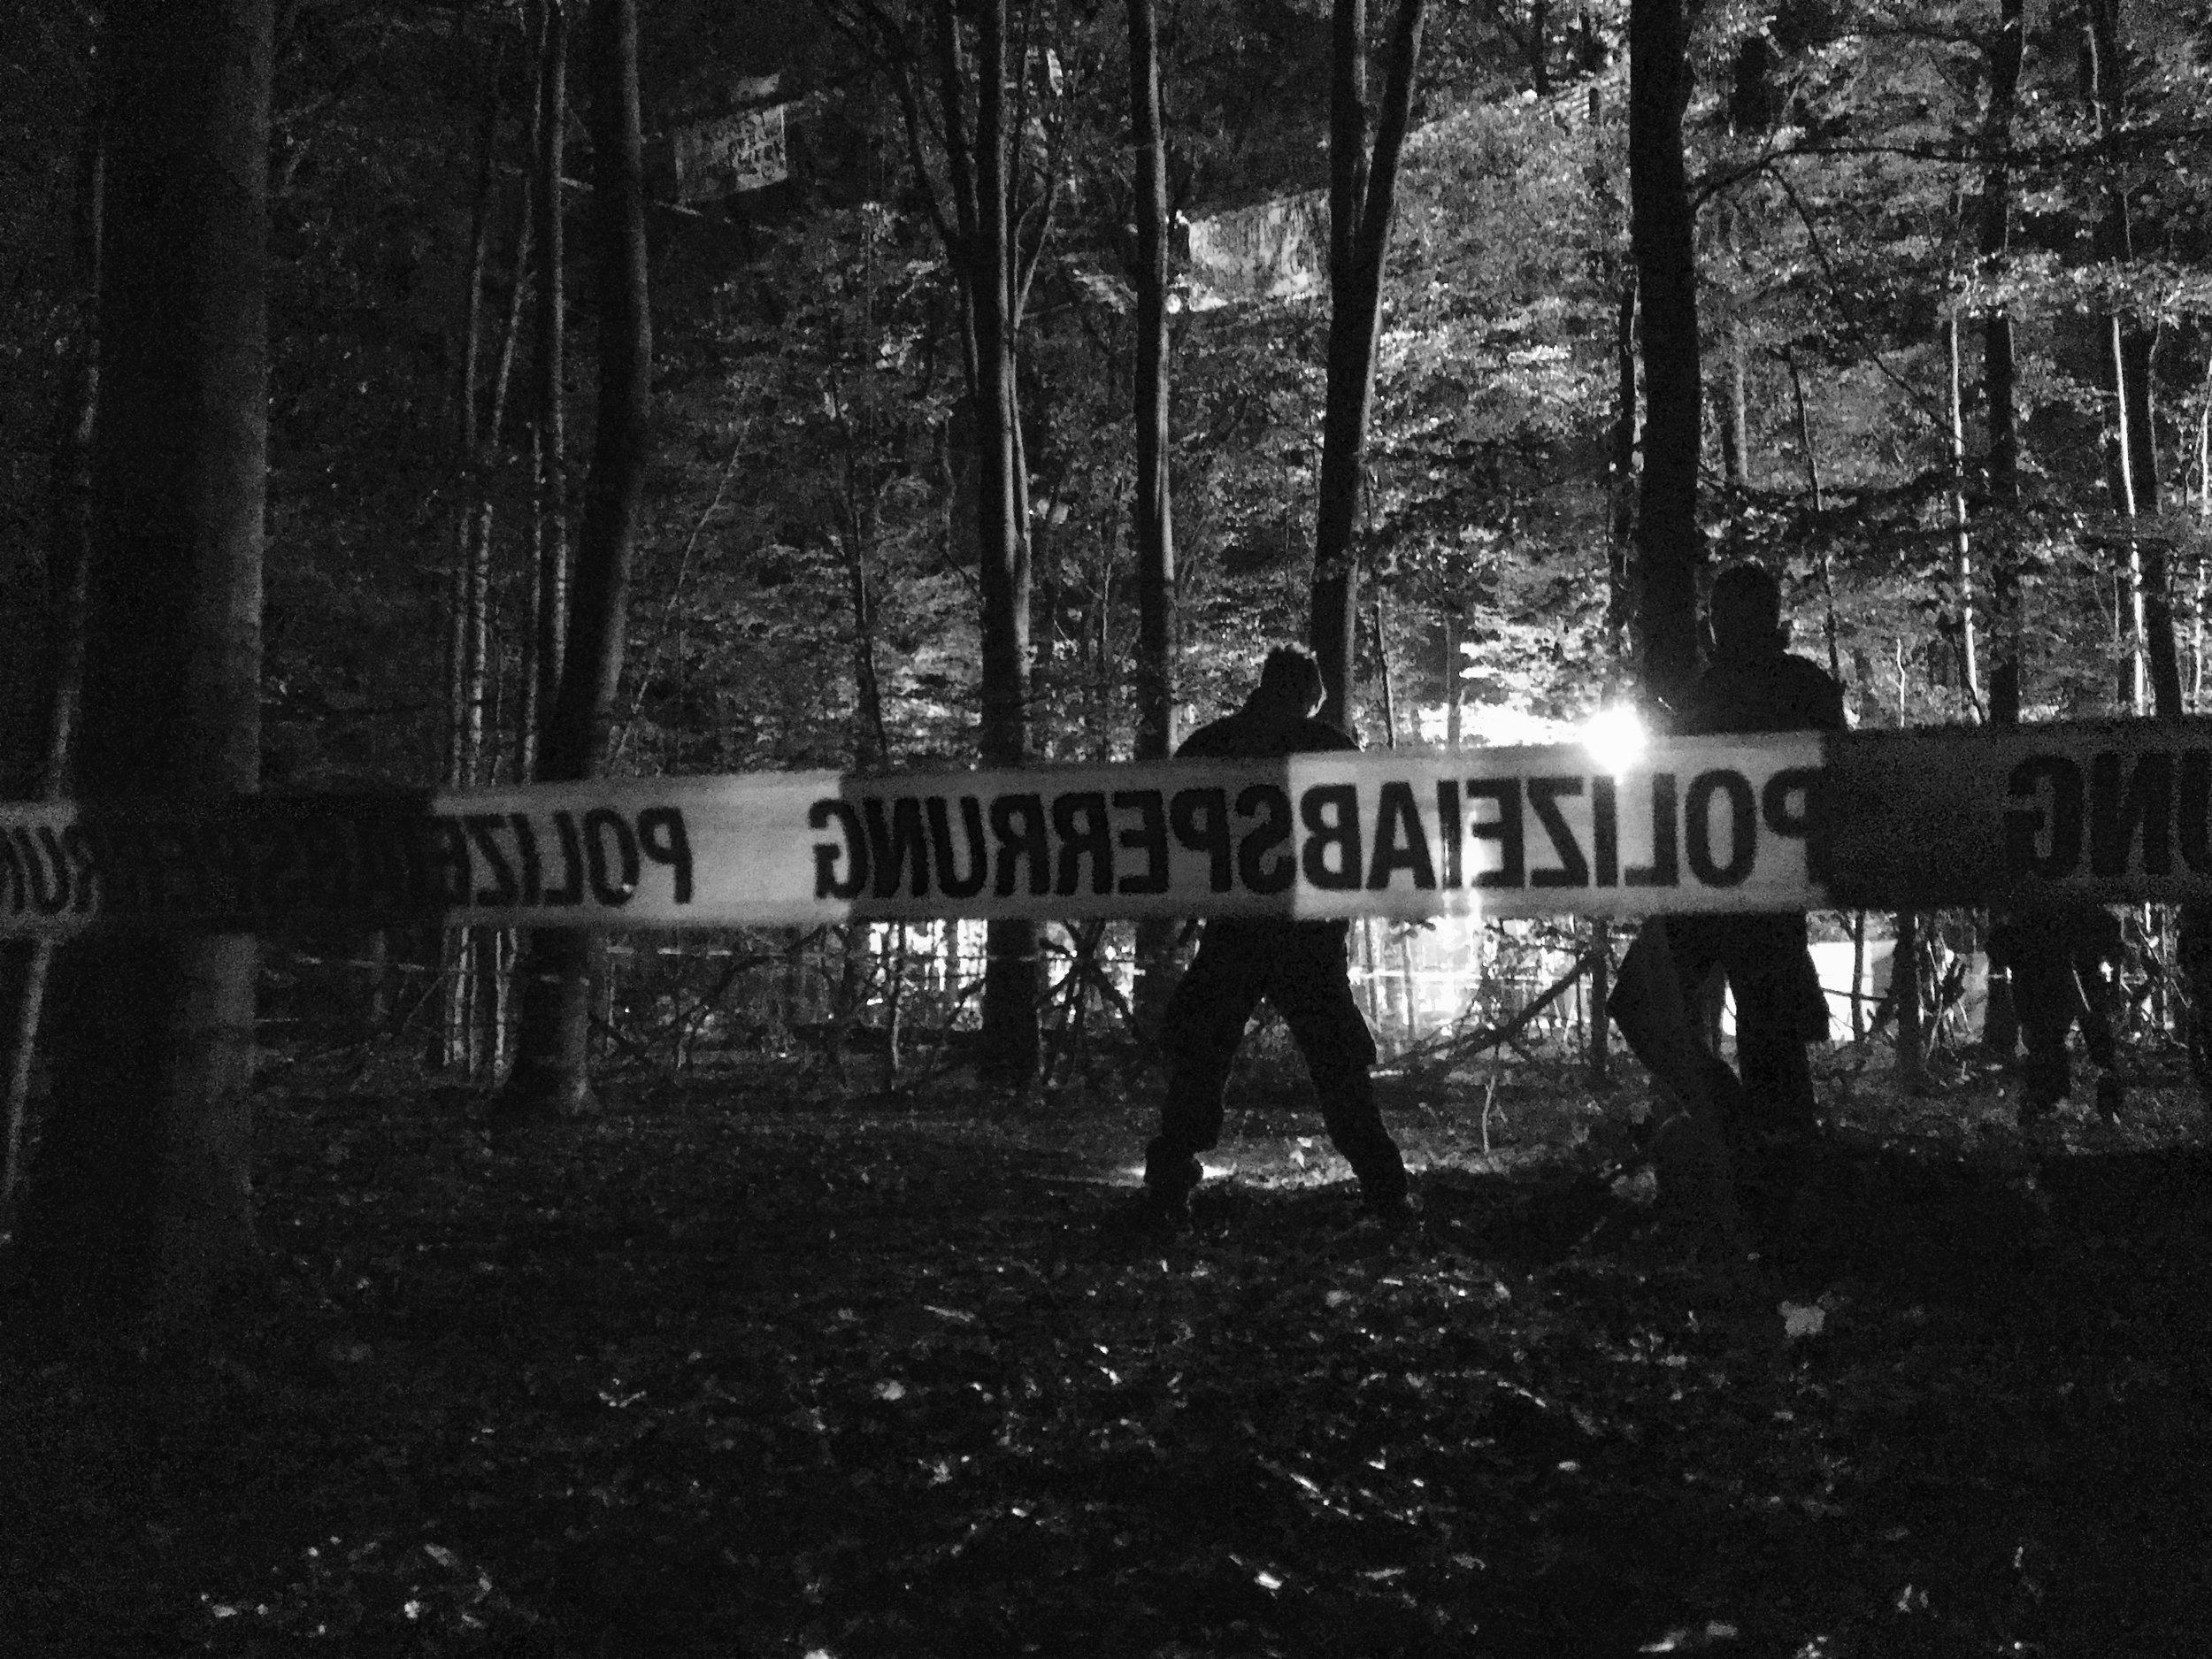 Opération de police dans la forêt de Hambach, septembre 2018.